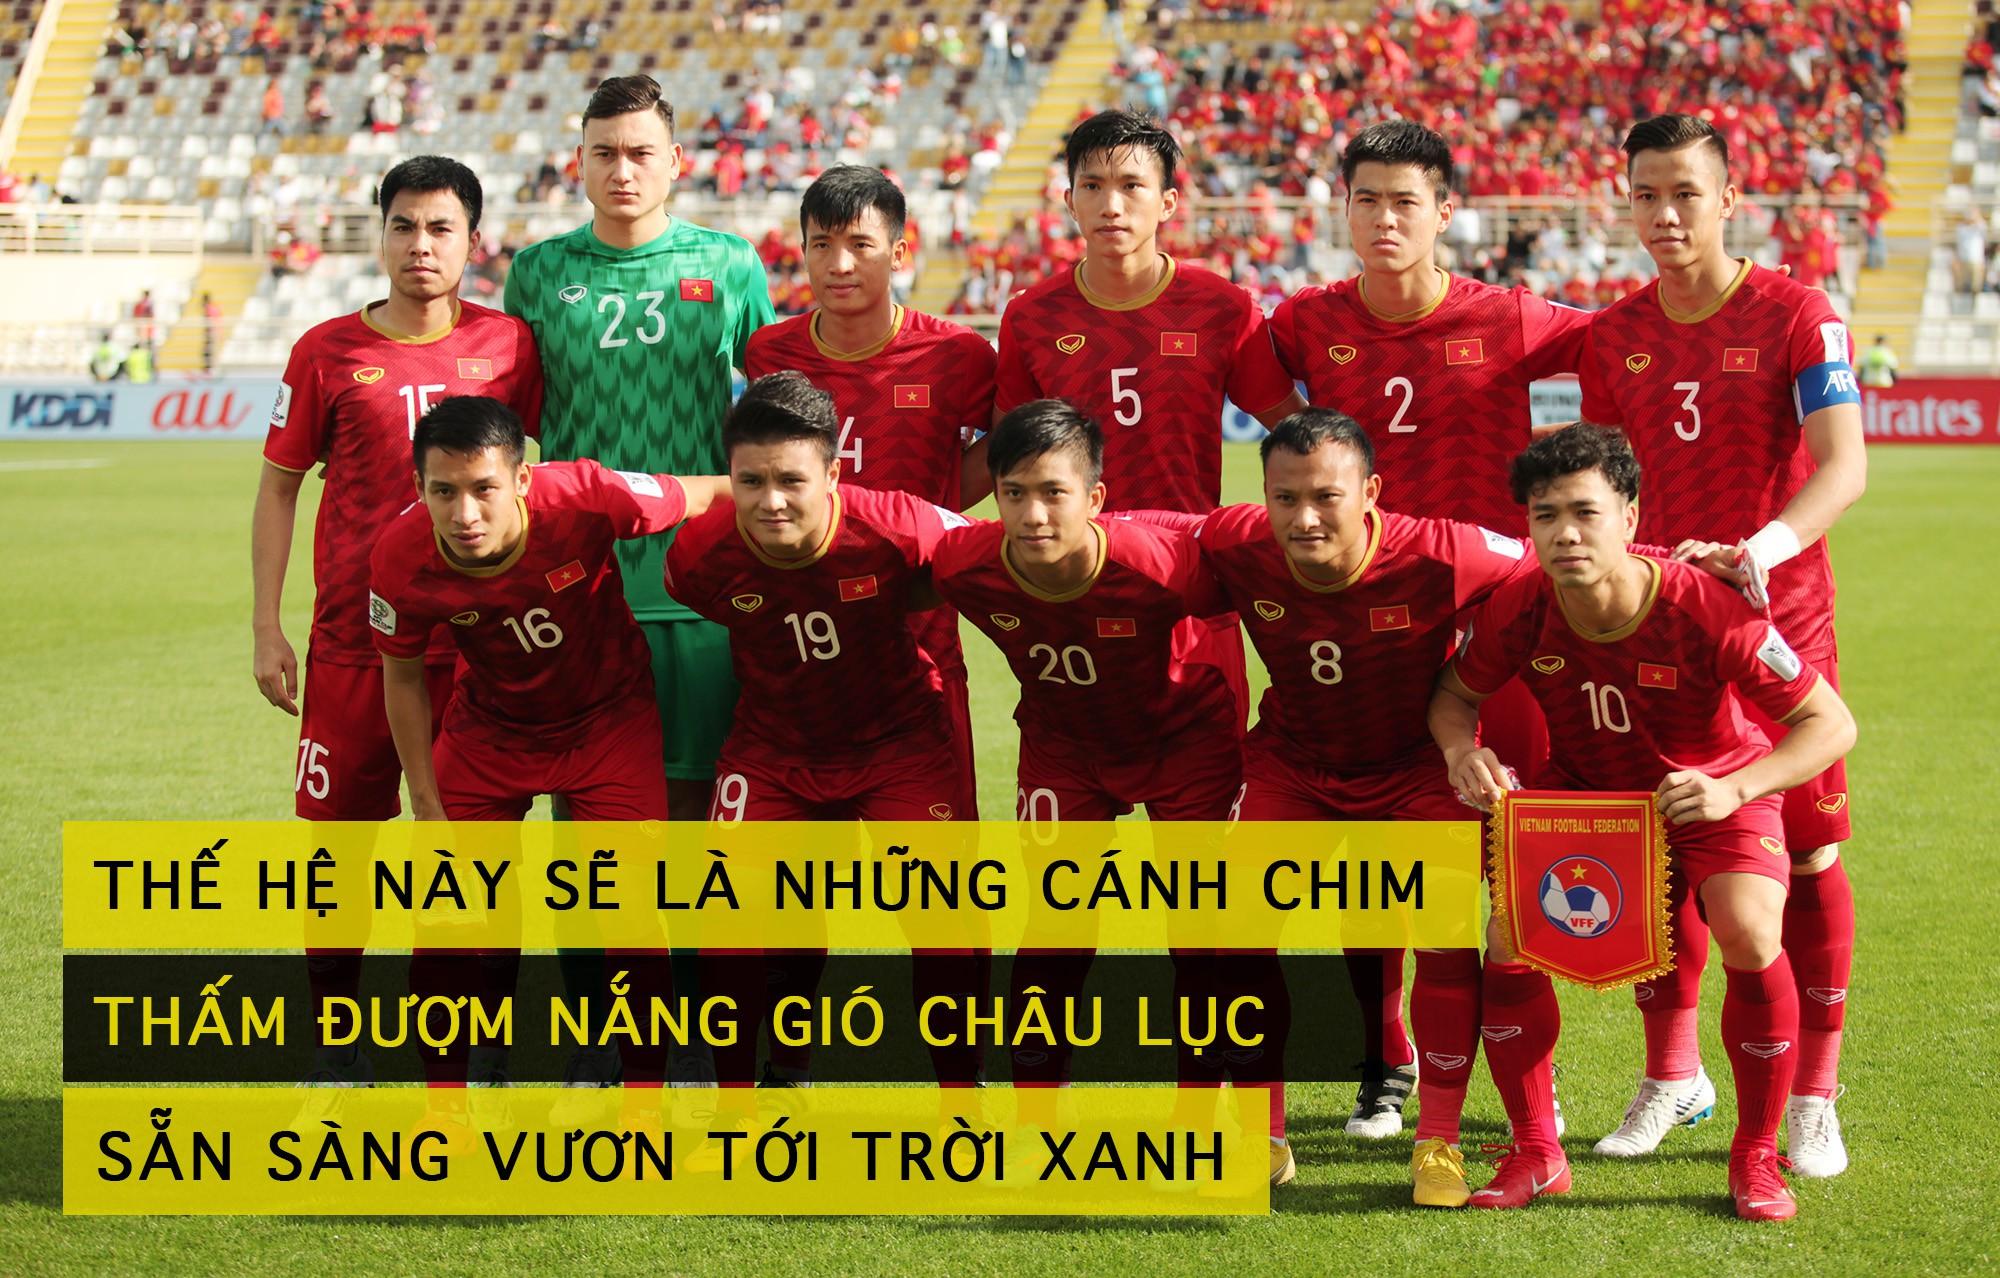 Cầu thủ Việt và chuyện xuất ngoại: Đừng sợ sệt, hãy xách vali lên và đi khám phá bóng đá 4 phương trời - Ảnh 5.